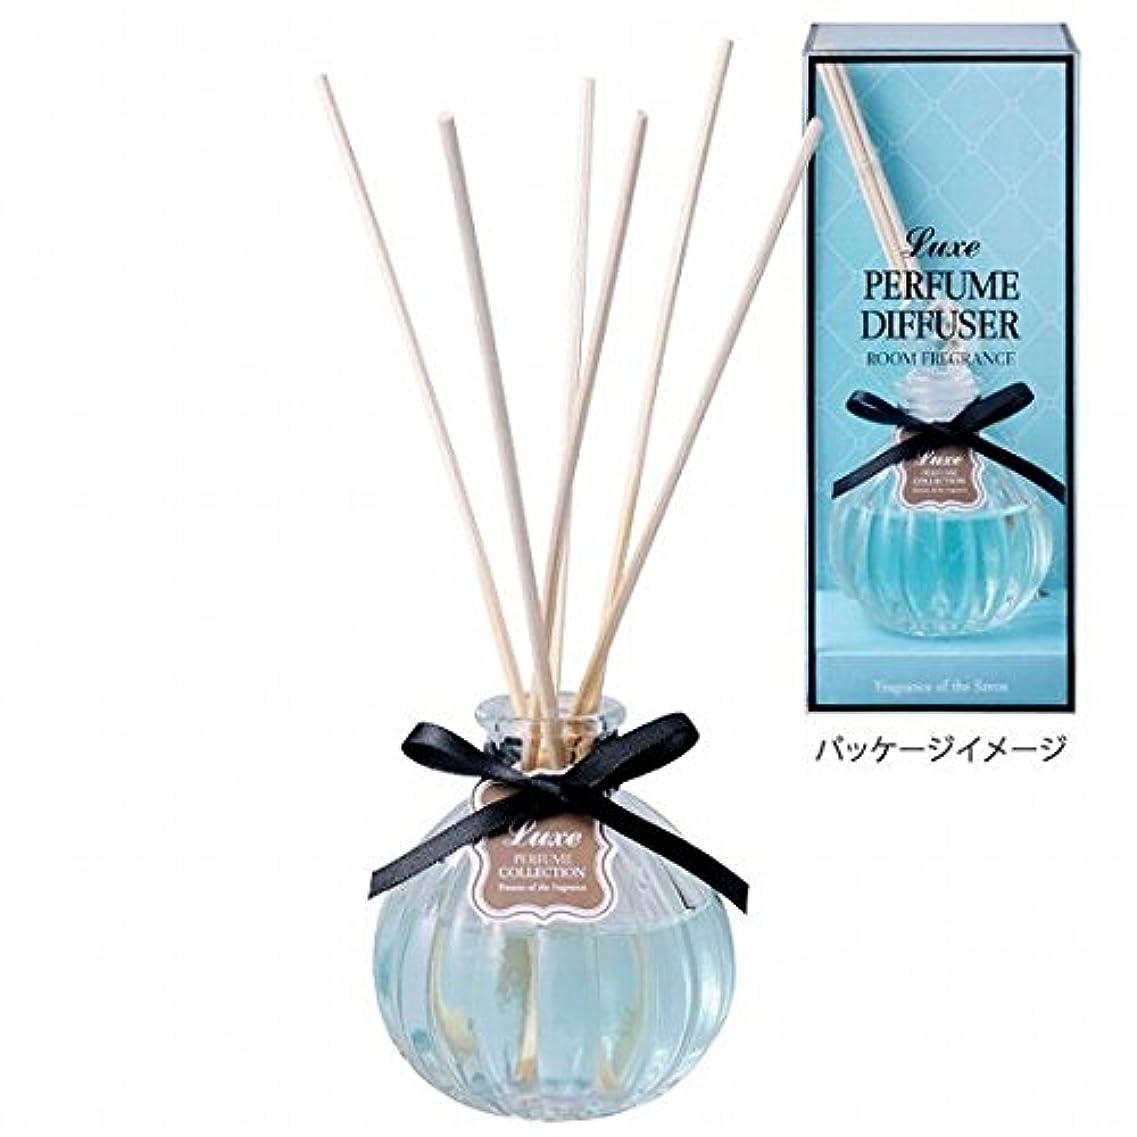 到着の頭の上連合カメヤマキャンドル( kameyama candle ) パフュームディフューザー 「 サボン 」